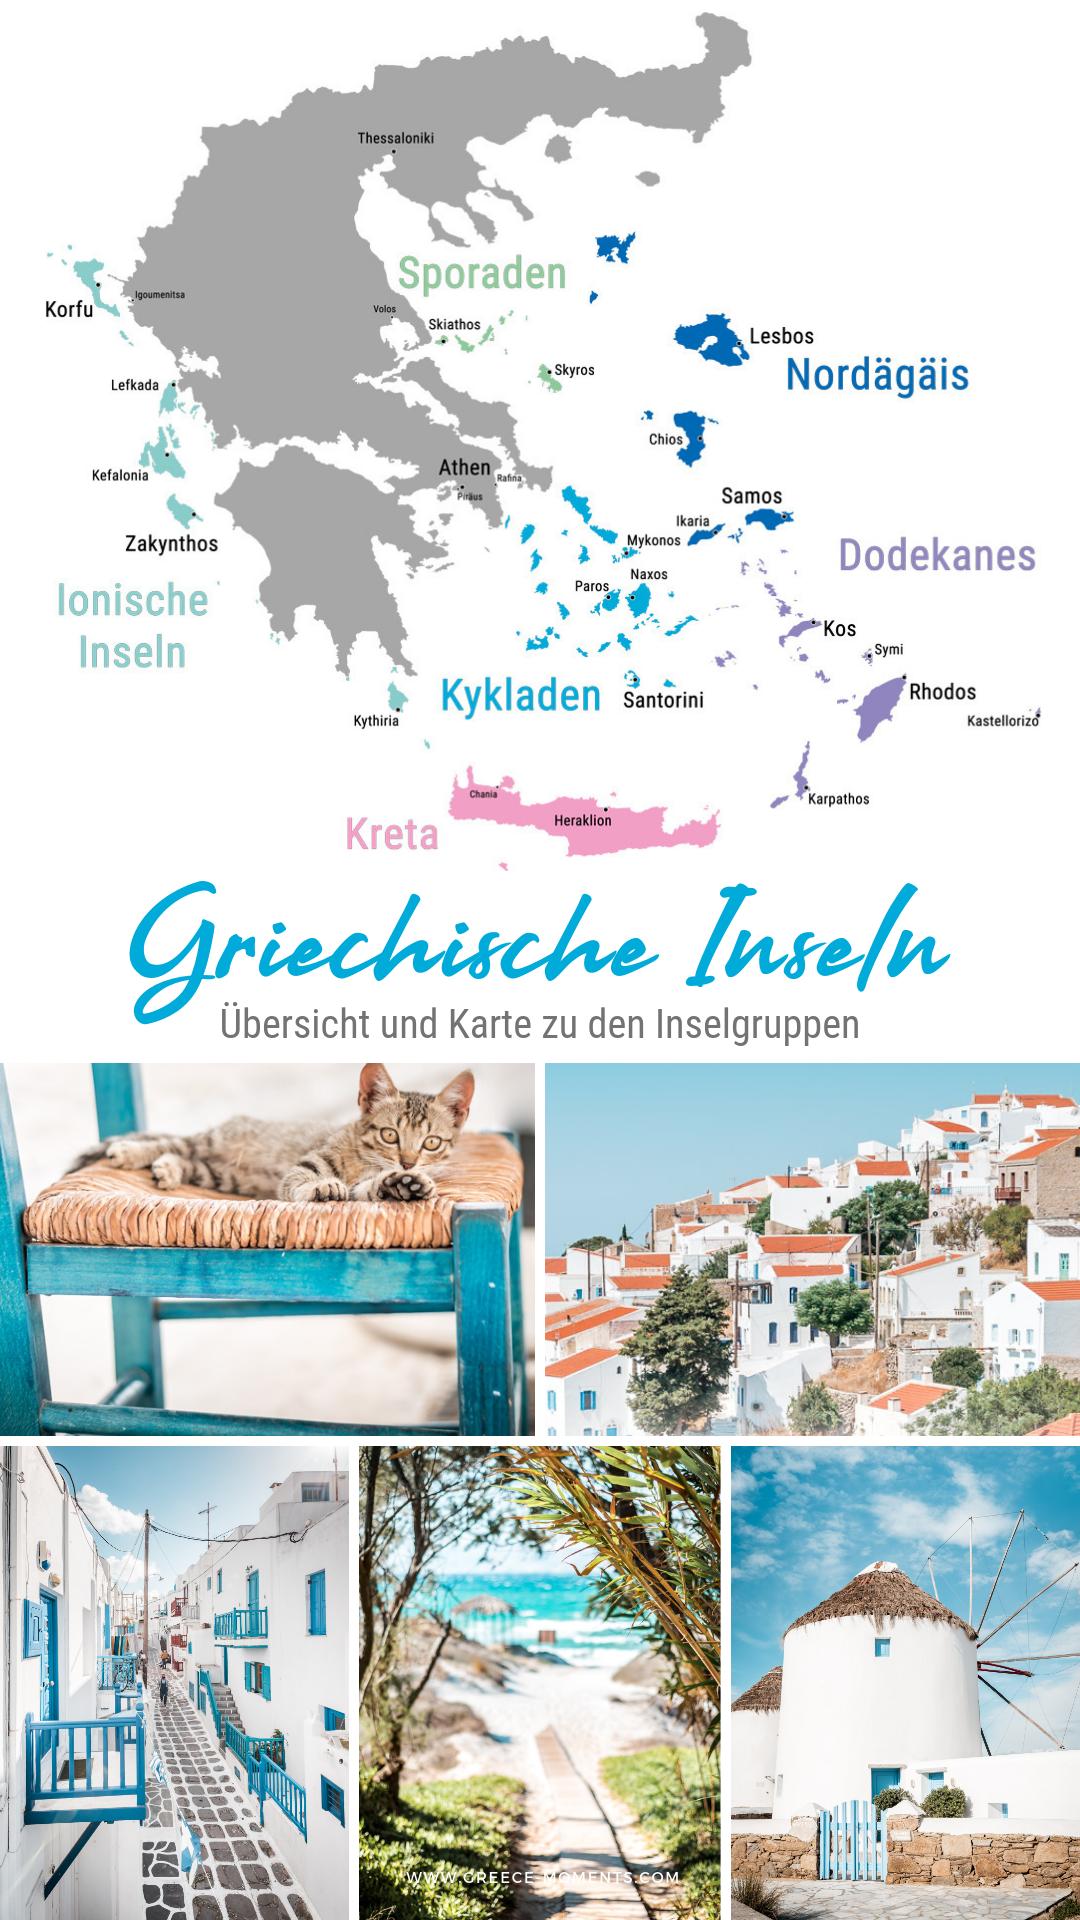 Griechische Inseln Ubersicht Karte Der Inseln Griechenlands Griechische Inseln Griechenland Urlaub Griechenland Inseln